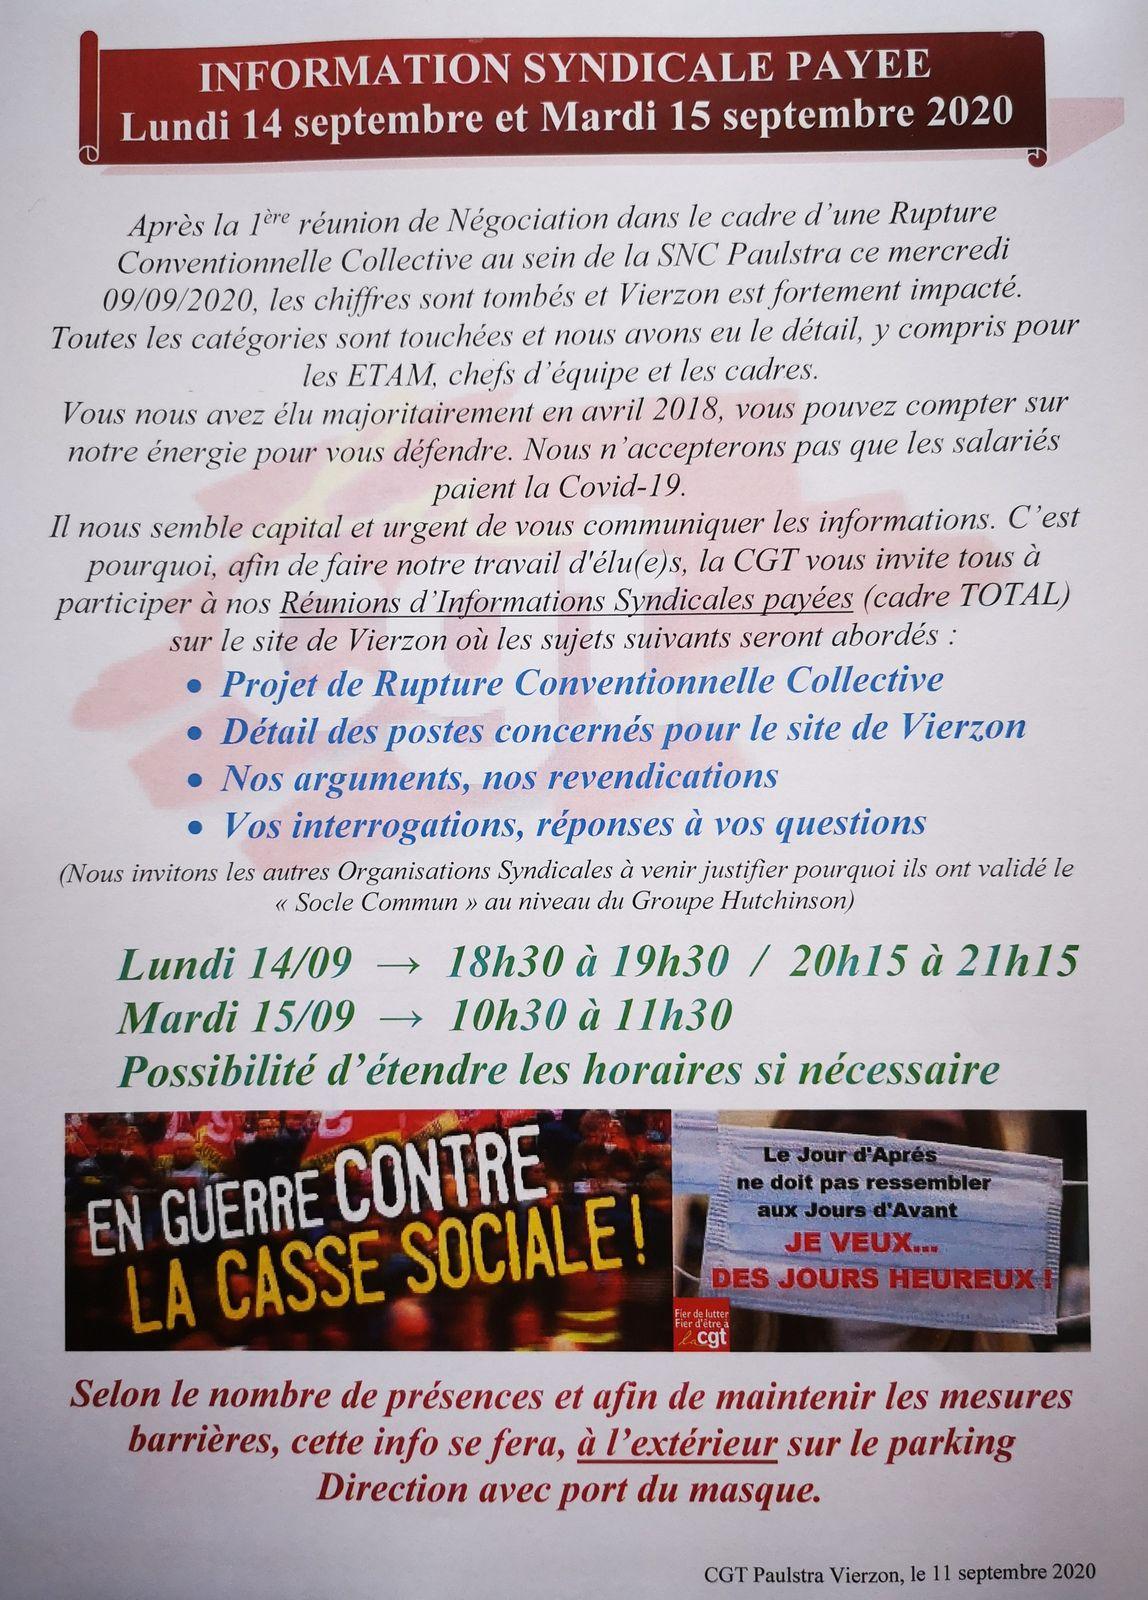 RÉUNIONS D'INFORMATIONS SYNDICALES PAYÉES (Cadre TOTAL)